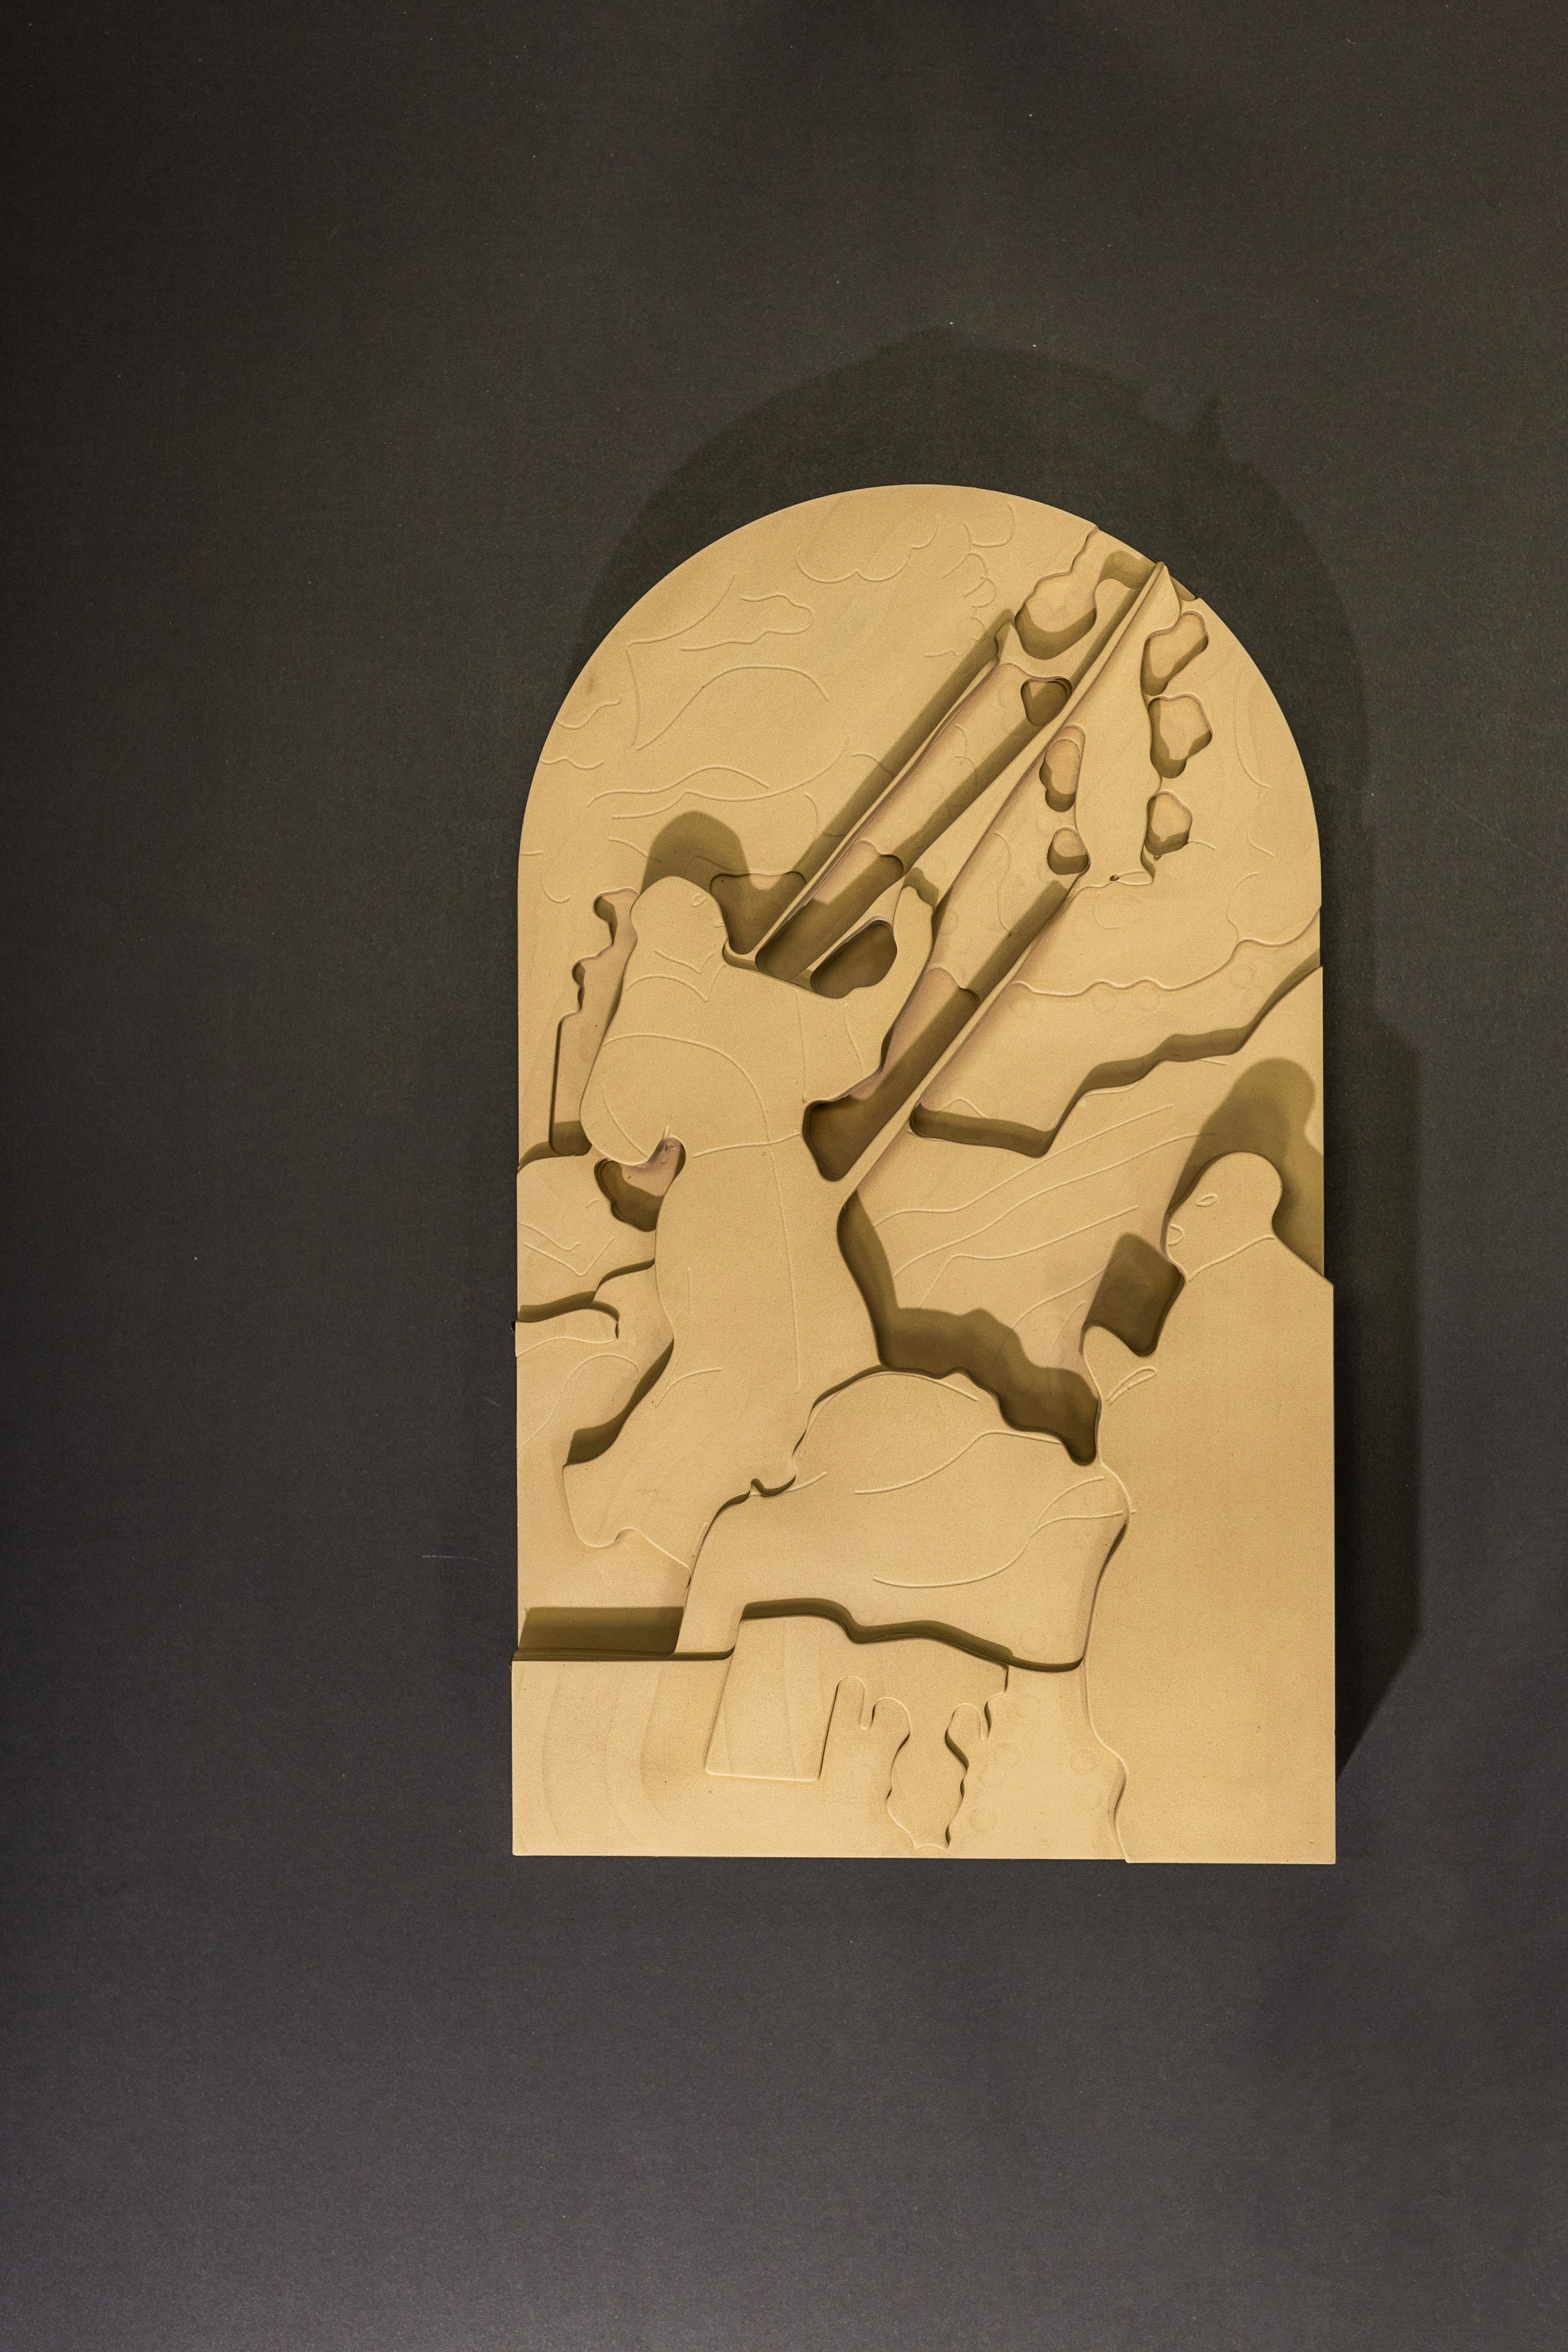 exposição quadros são francisco 3D deficientes visuais